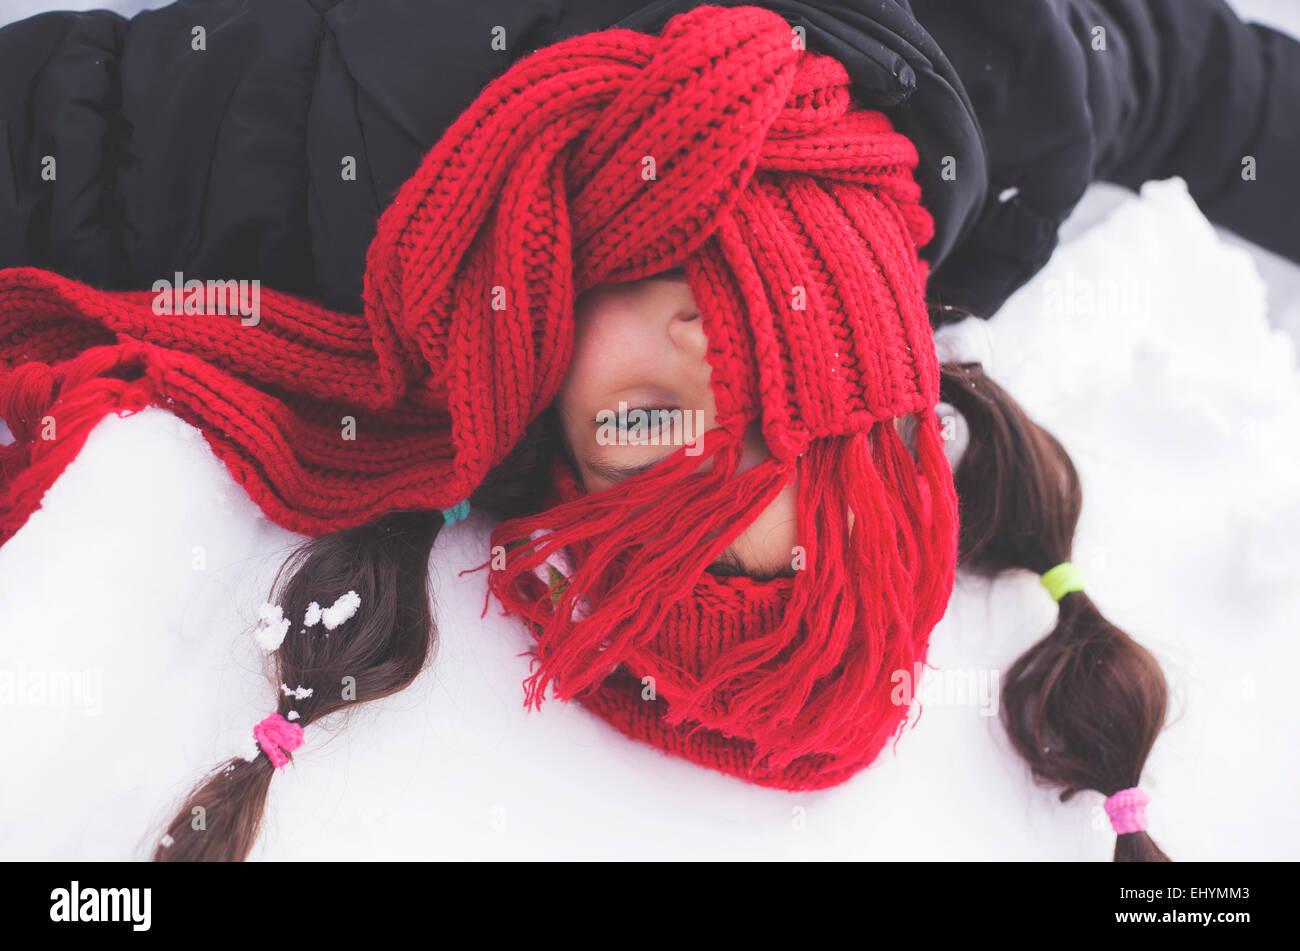 Mädchen mit rotem Schal bedeckte Gesicht im Schnee liegen Stockbild